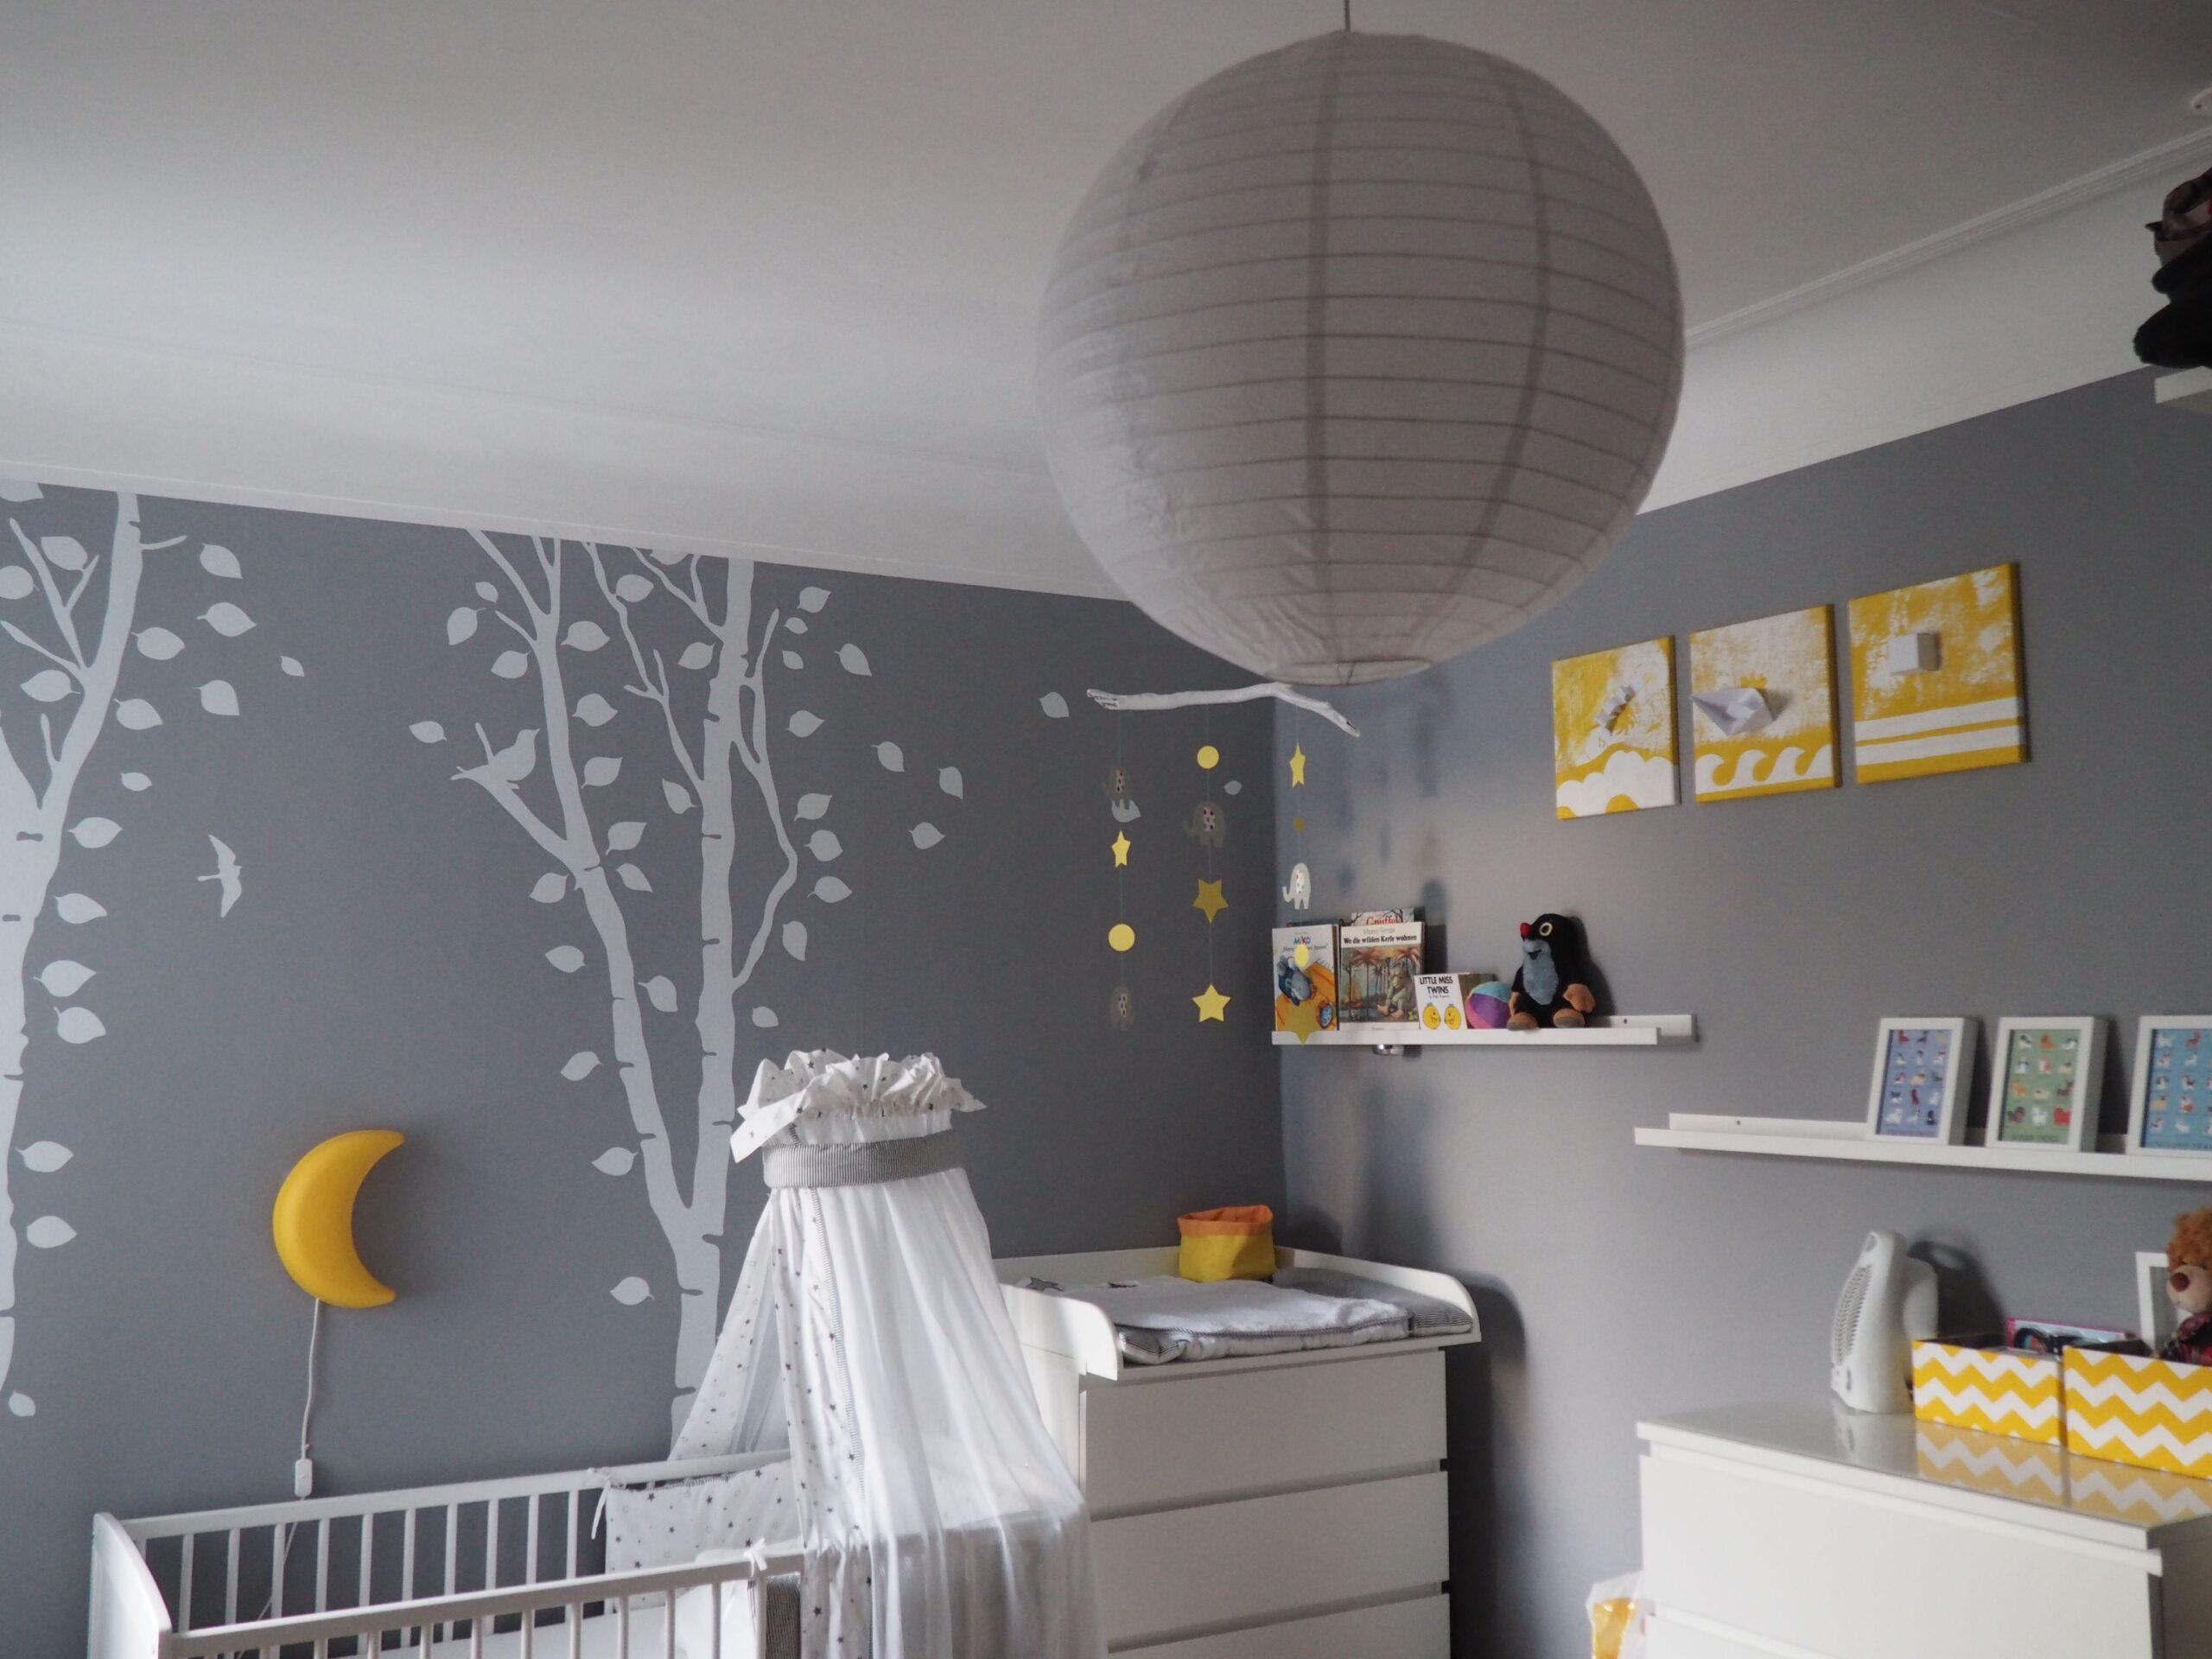 Full Size of Bett Kleinkind Junge Einrichten Kinderzimmer Wei Aqua Regal Weiß Sofa Regale Kinderzimmer Jungen Kinderzimmer